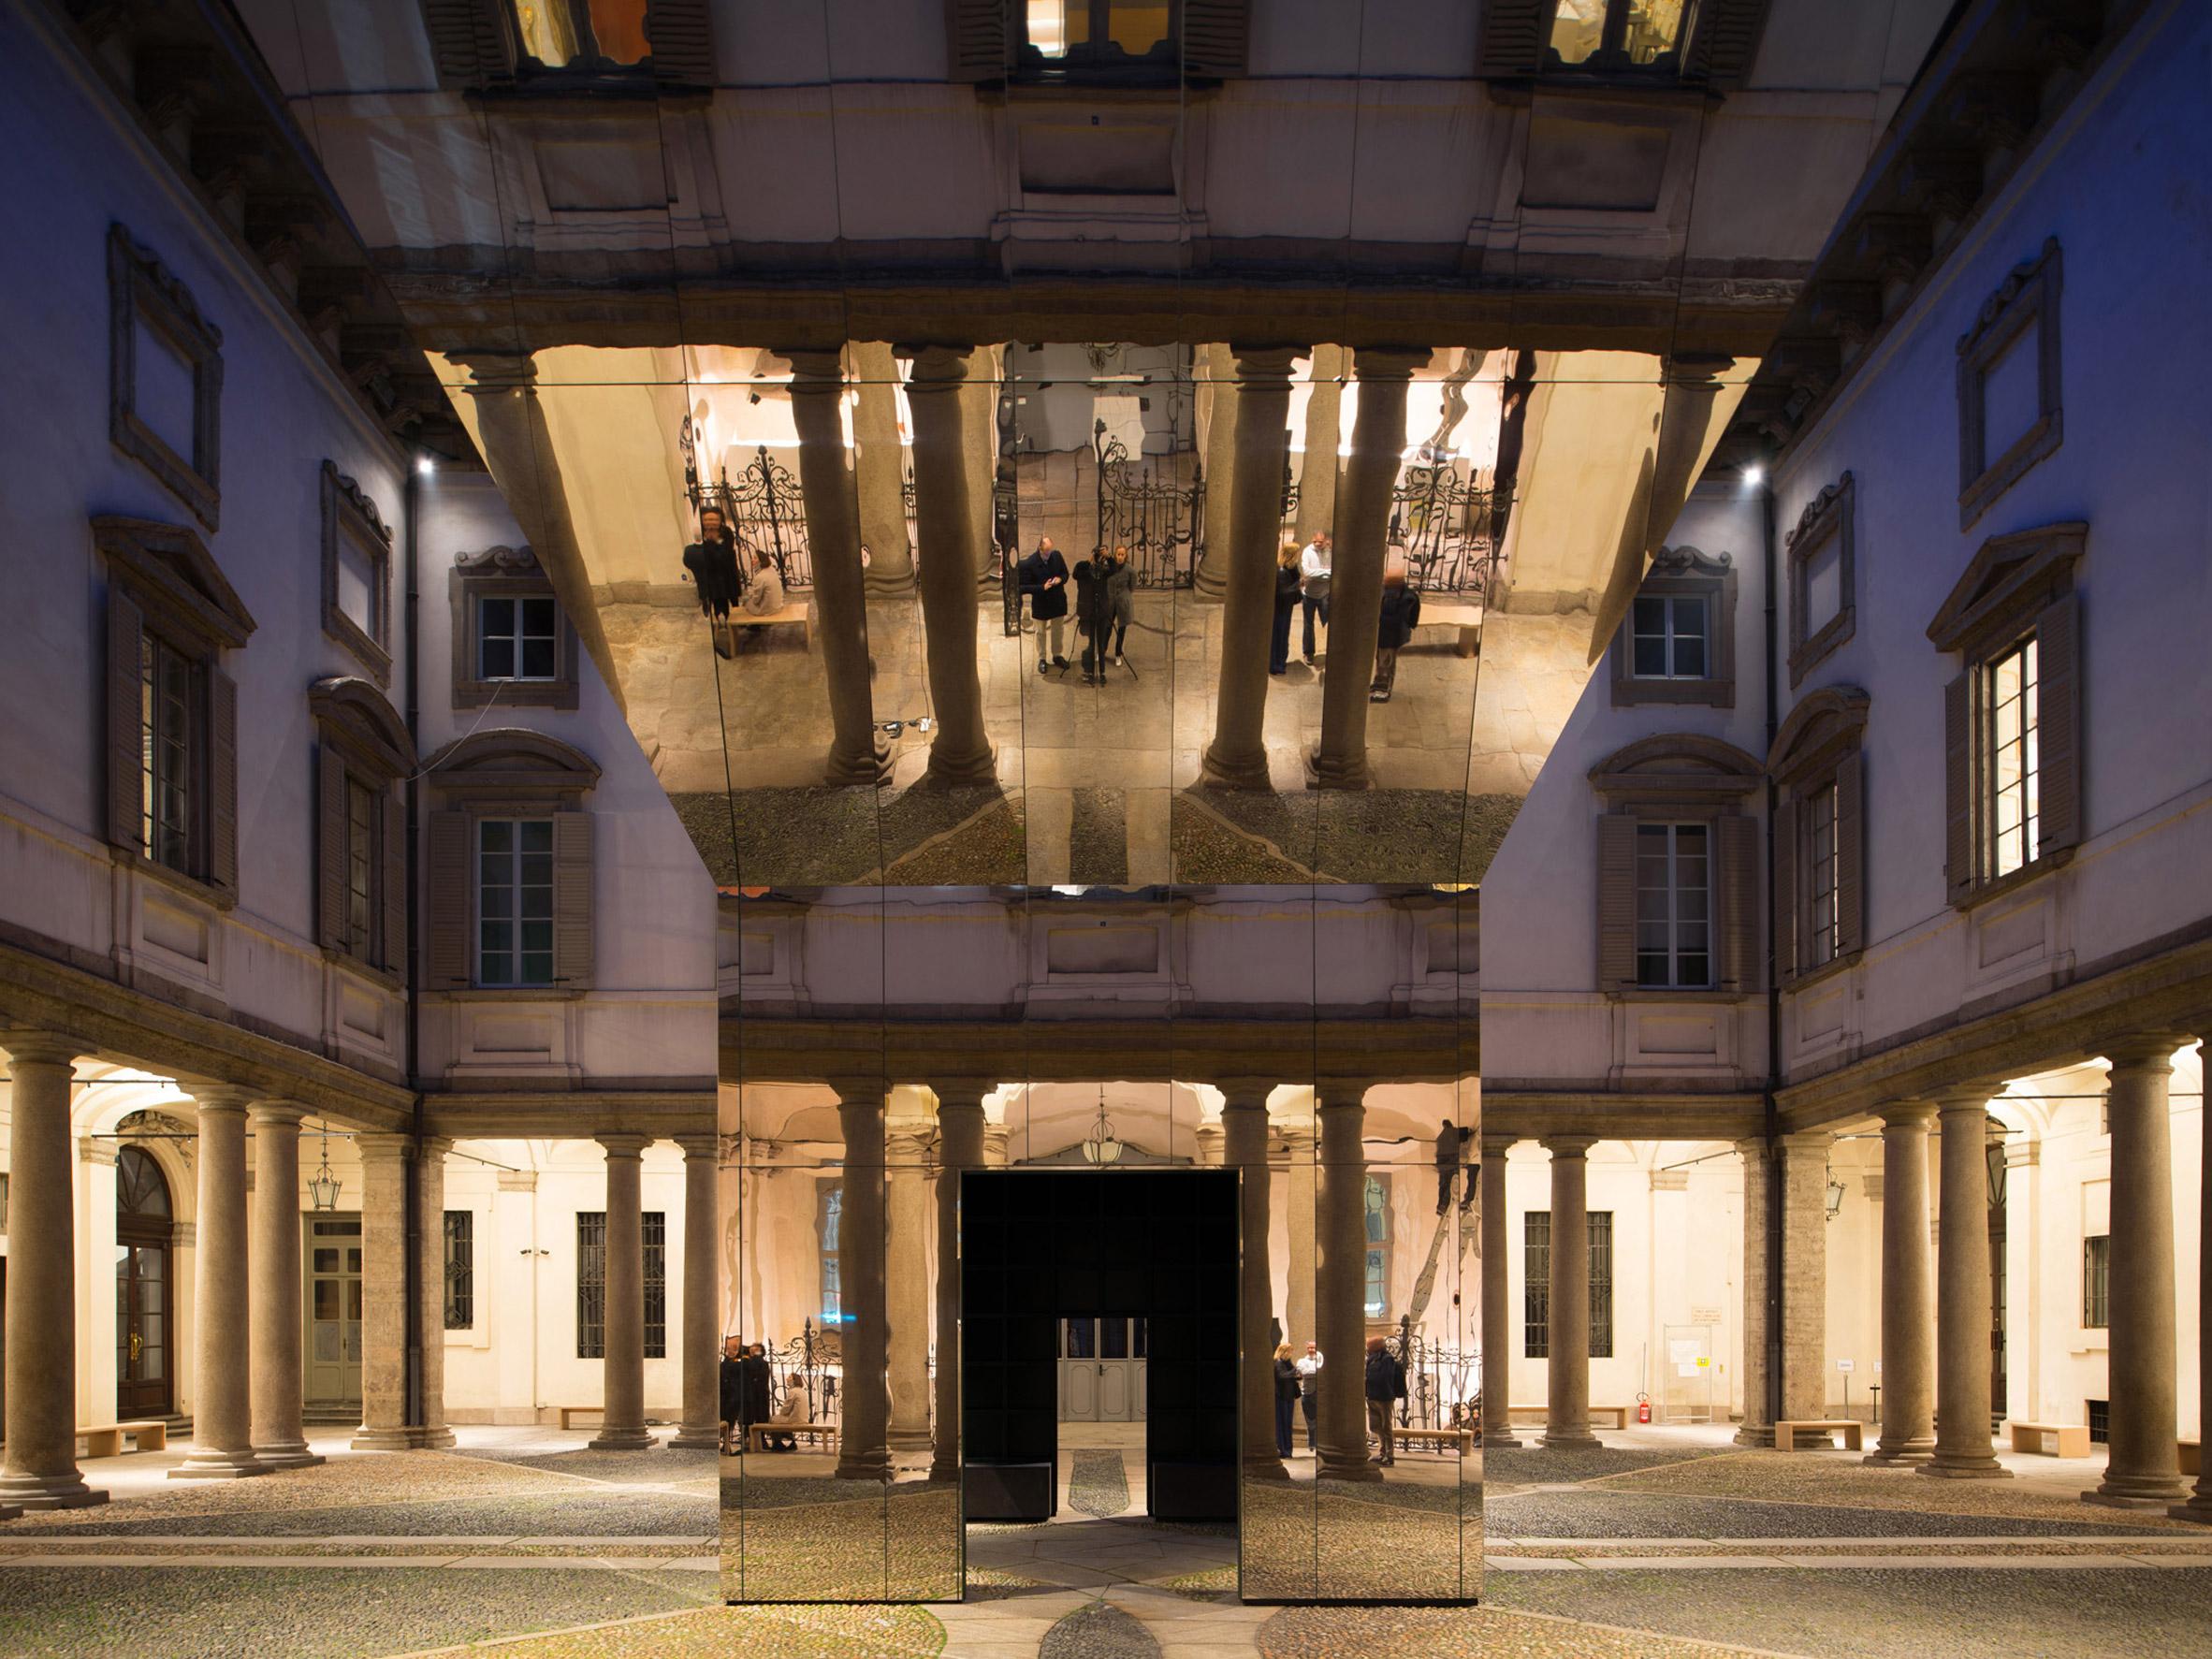 Echo Pavilion by Pezo von Ellrichshausen at Palazzo Litta in Milan